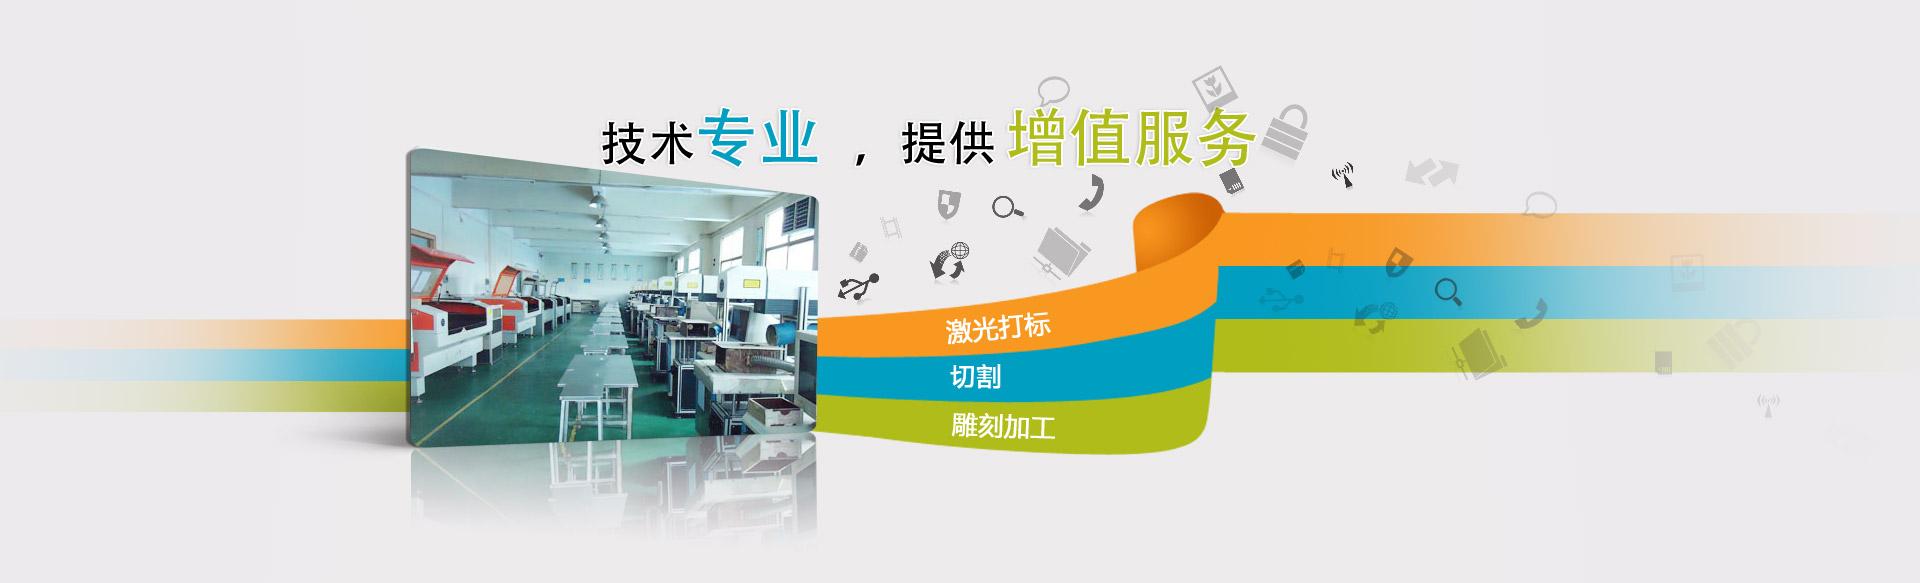 中国最大激光加工厂